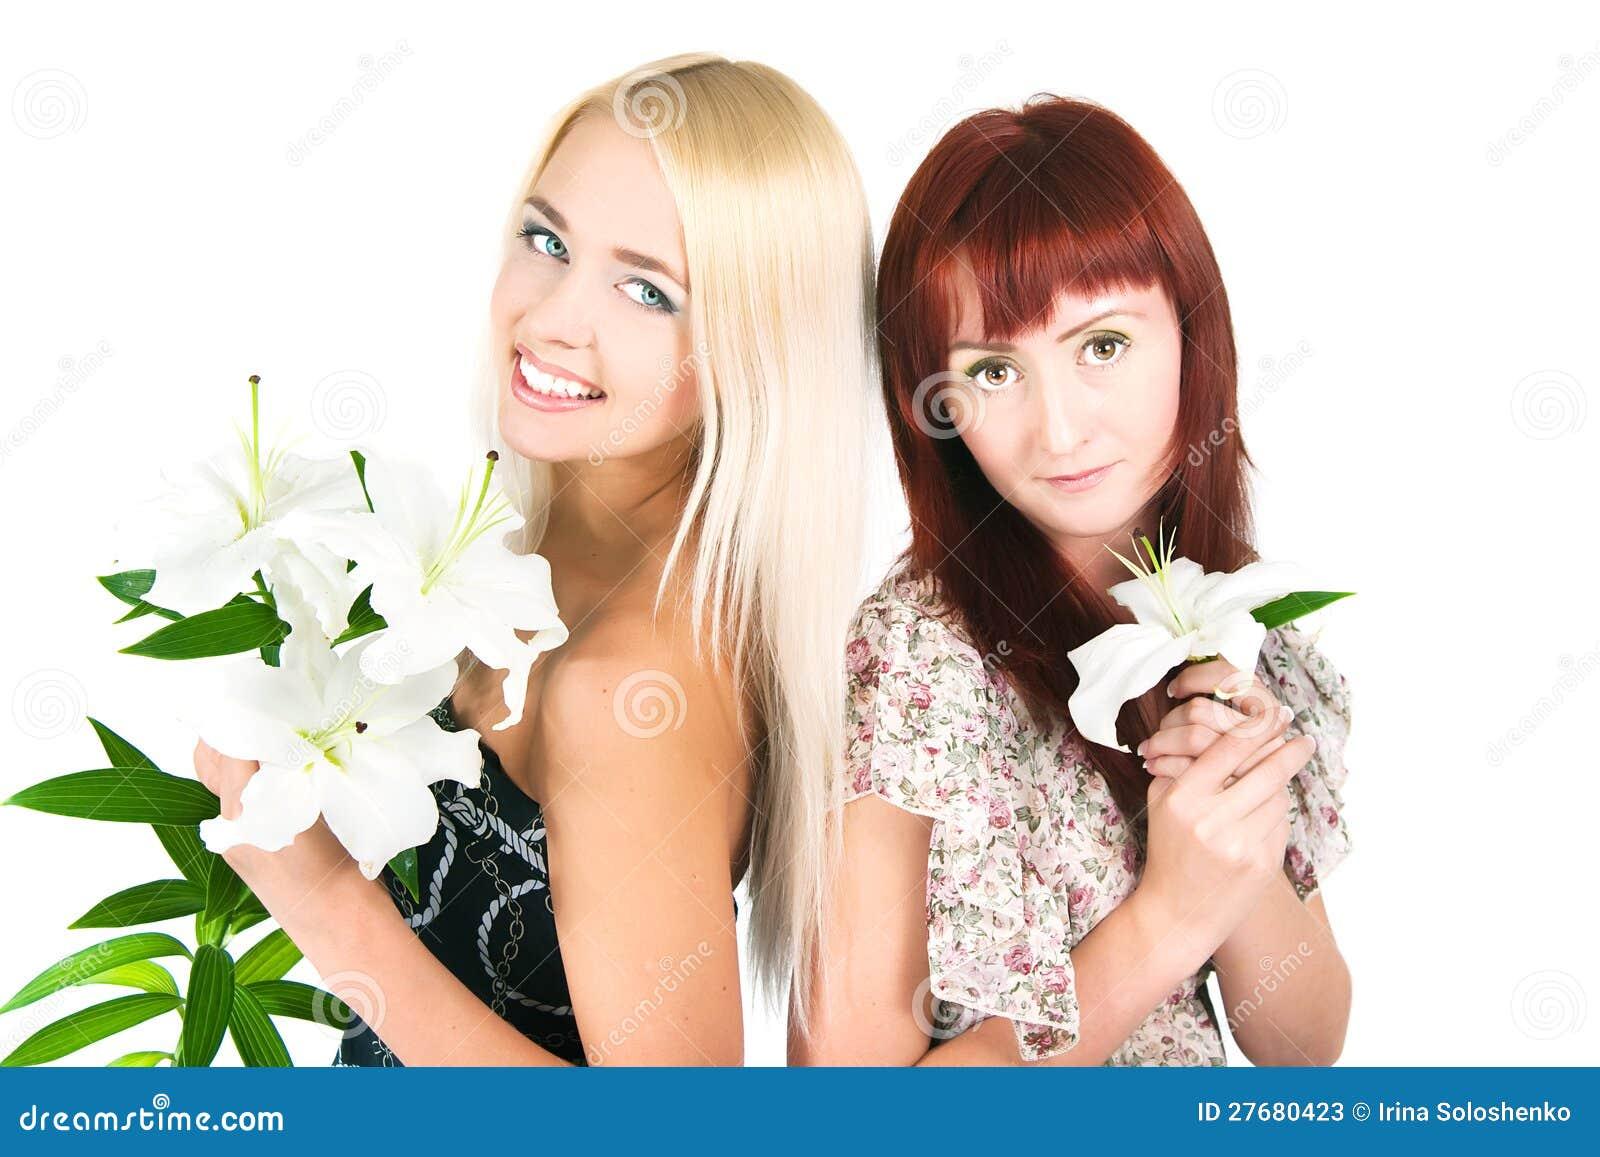 Фото с лилиями девушек